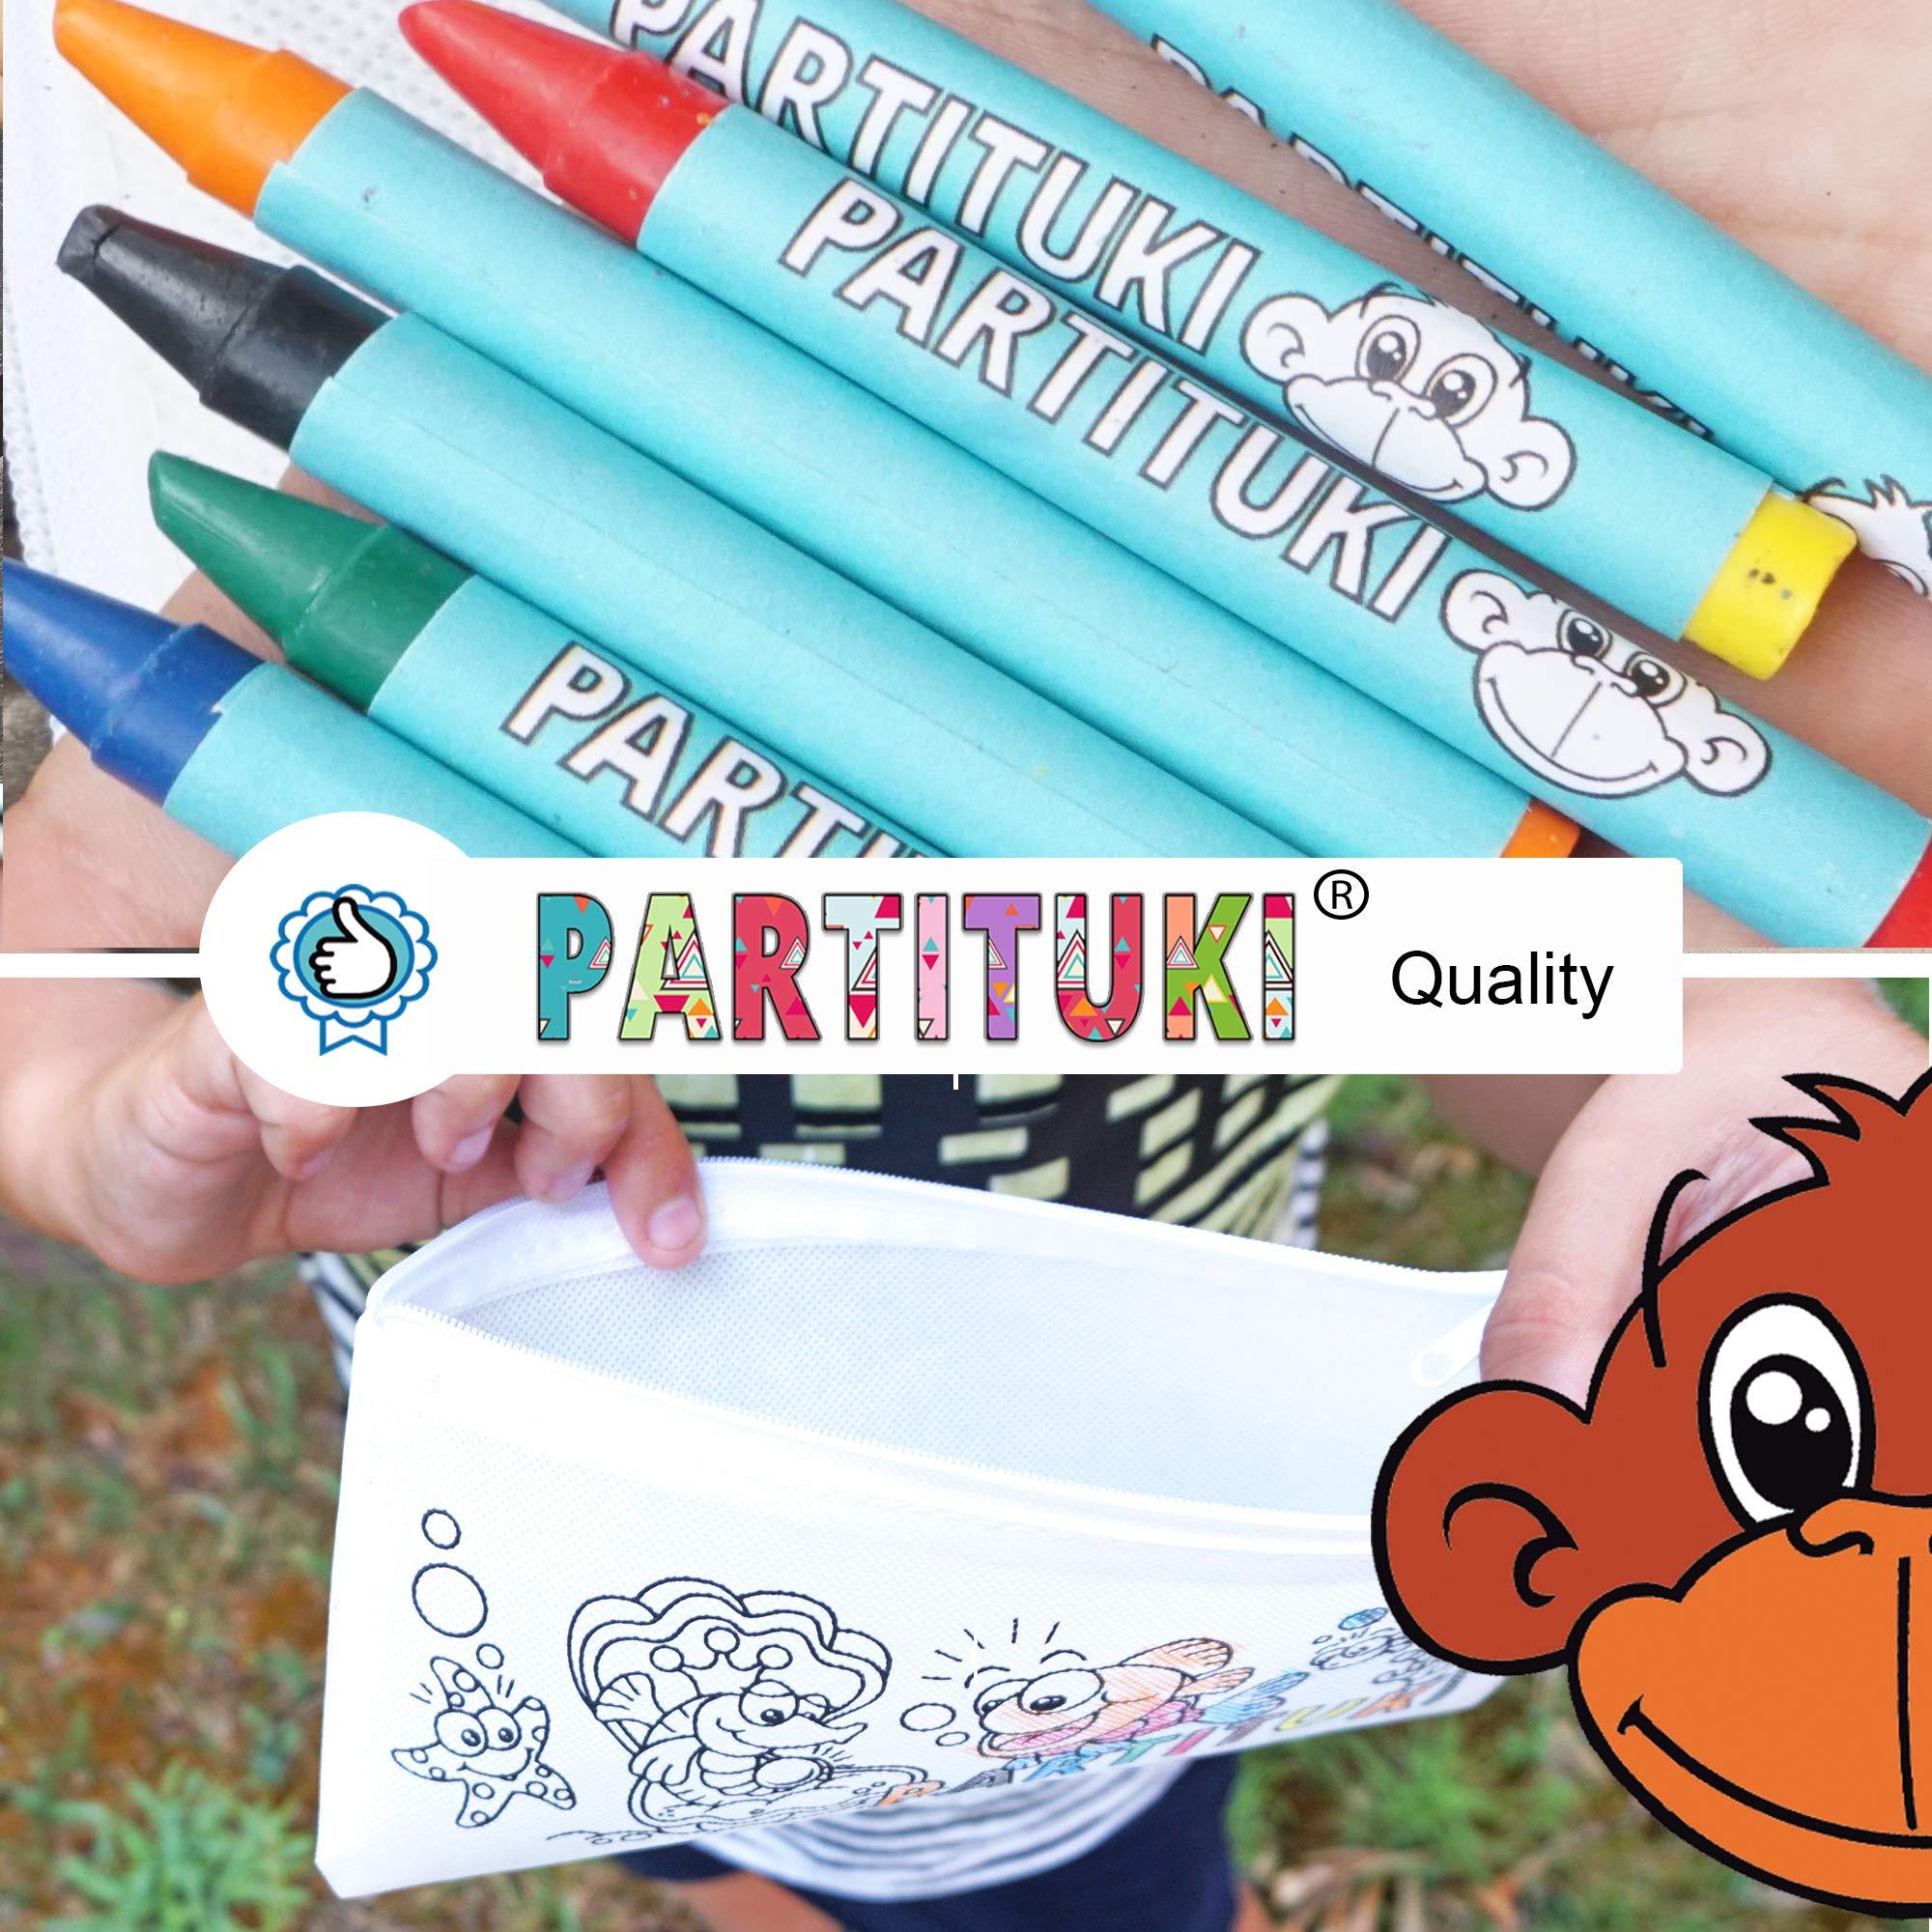 Detalles para Niños Partituki. 25 Estuches para Colorear y 25 Sets de 7 Ceras de Colores. Detalles Fiestas Infantiles. Con Certificado CE de no Toxicidad: Amazon.es: Juguetes y juegos